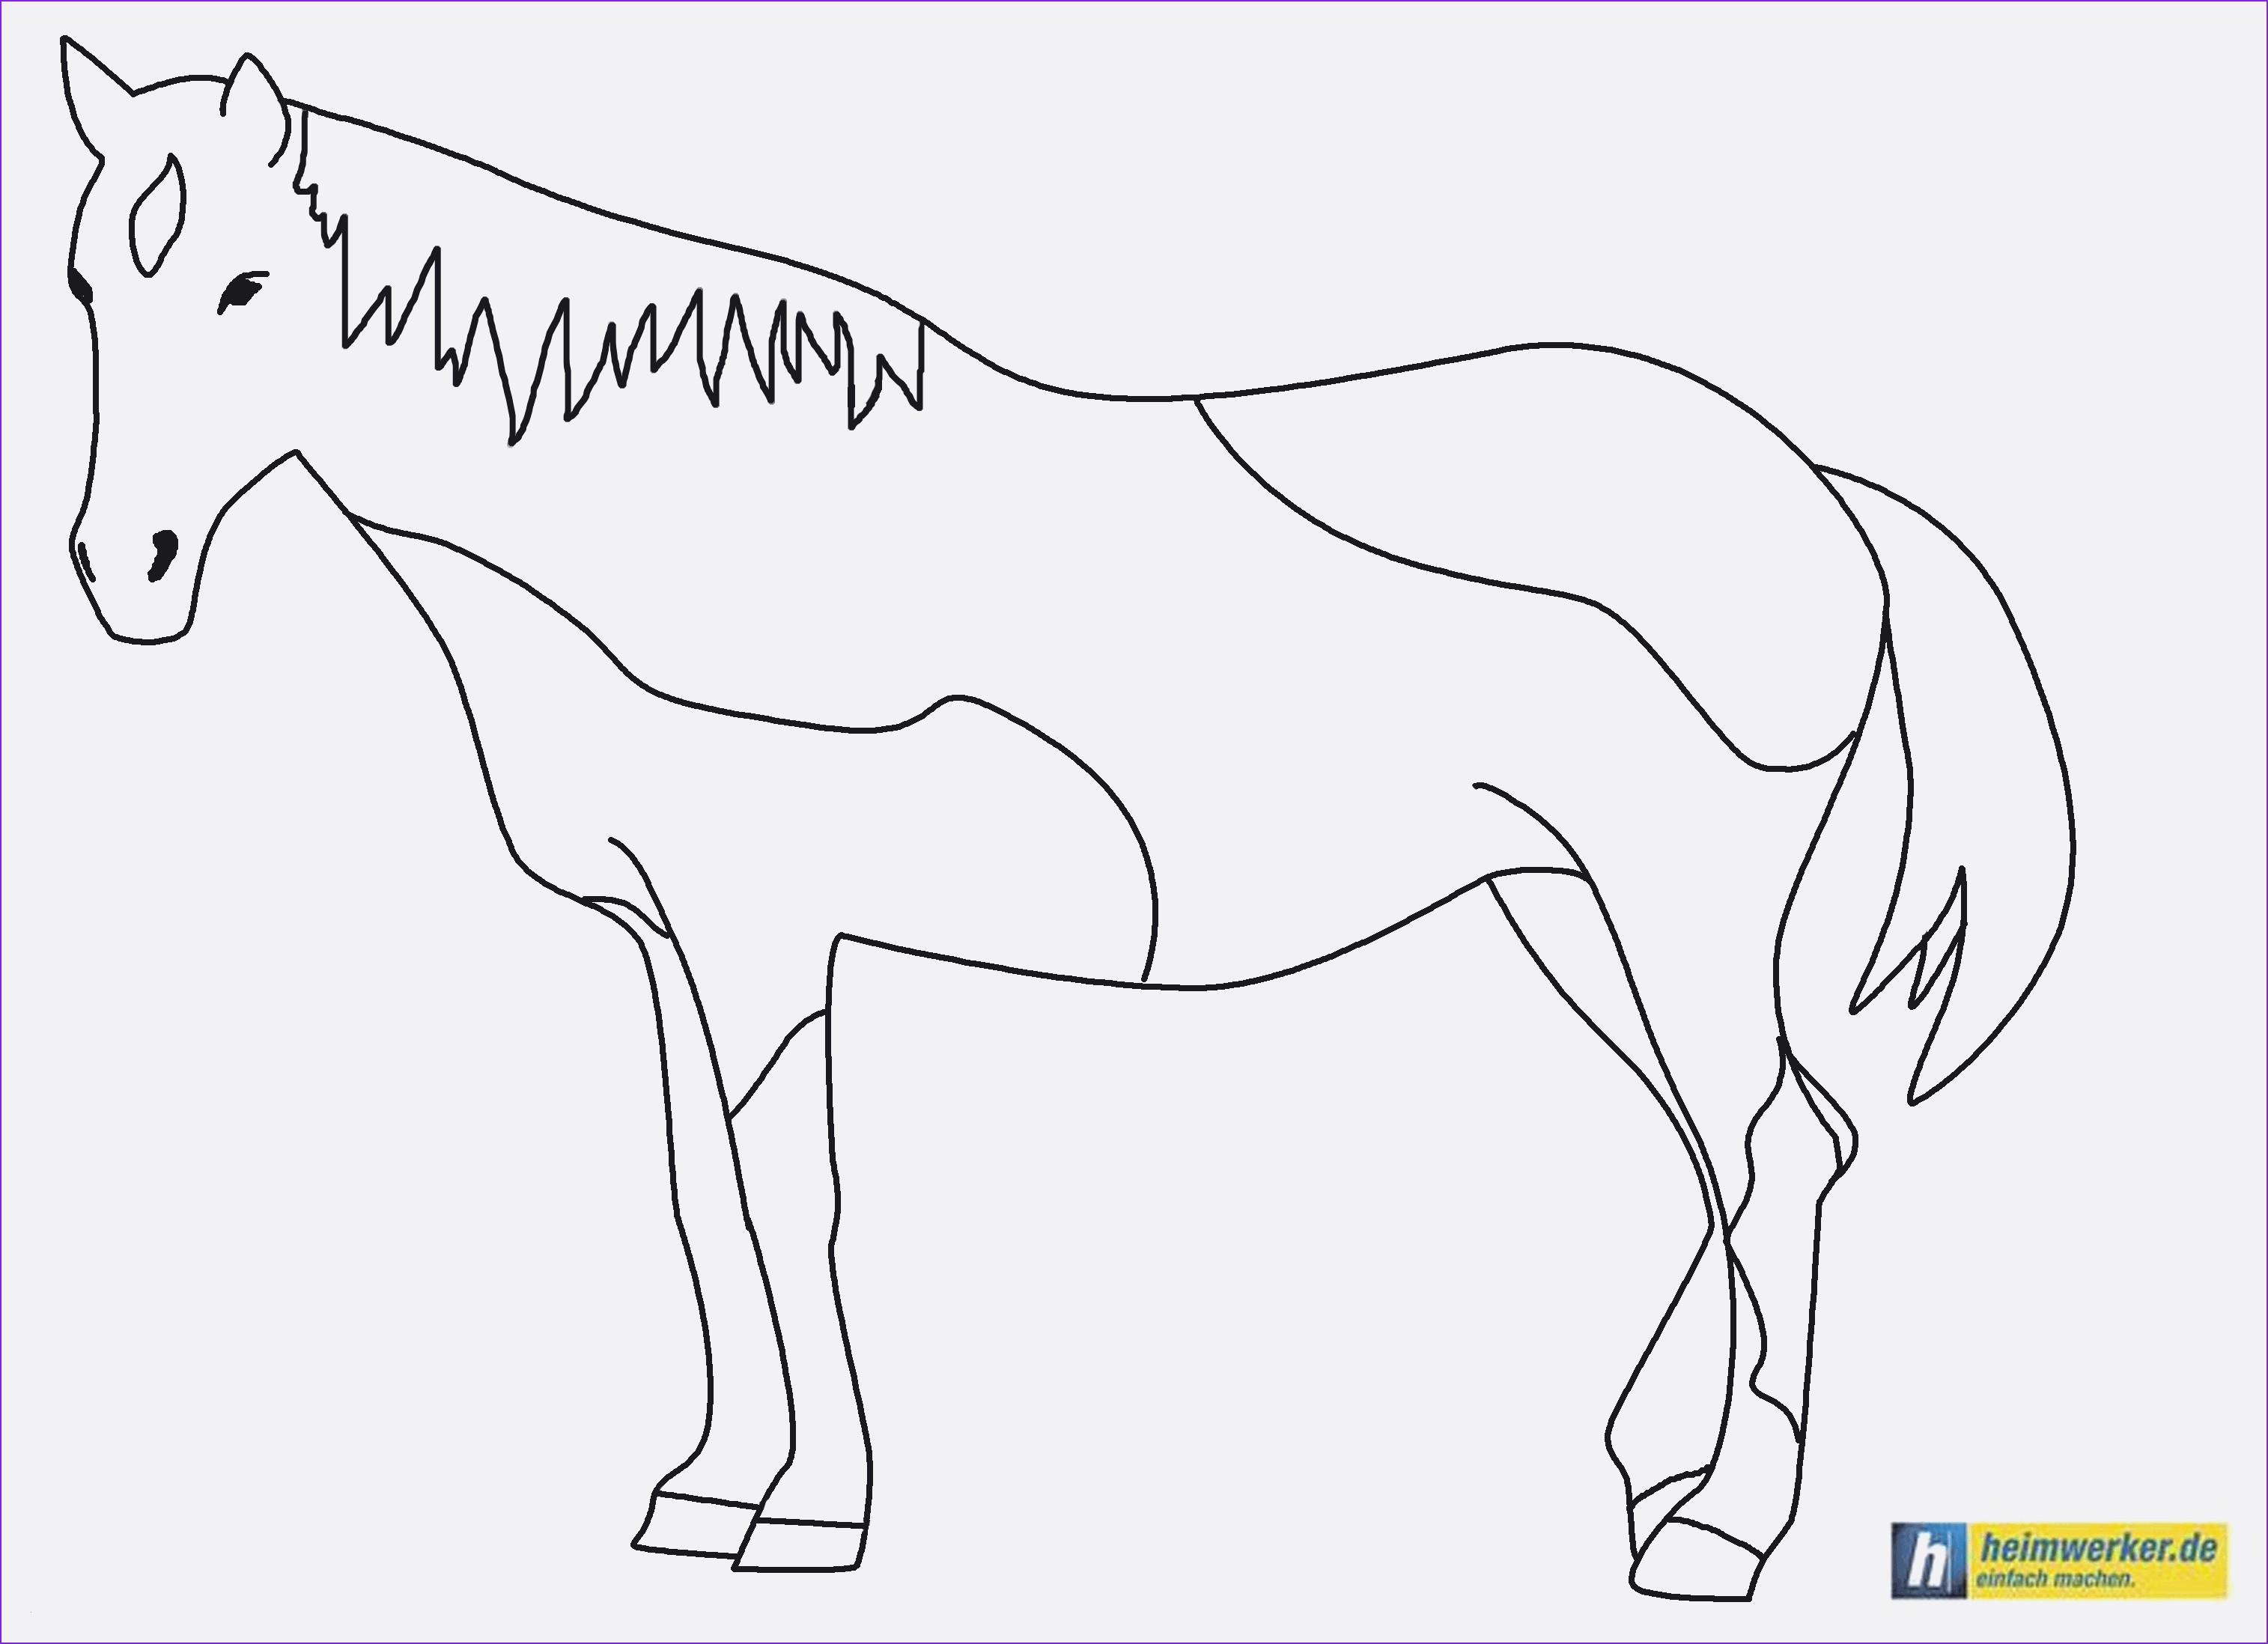 Ausmalbilder Pferde Mit Fohlen Inspirierend 37 Ausmalbilder Pferd Mit Fohlen Scoredatscore Best Malvorlagen Sammlung